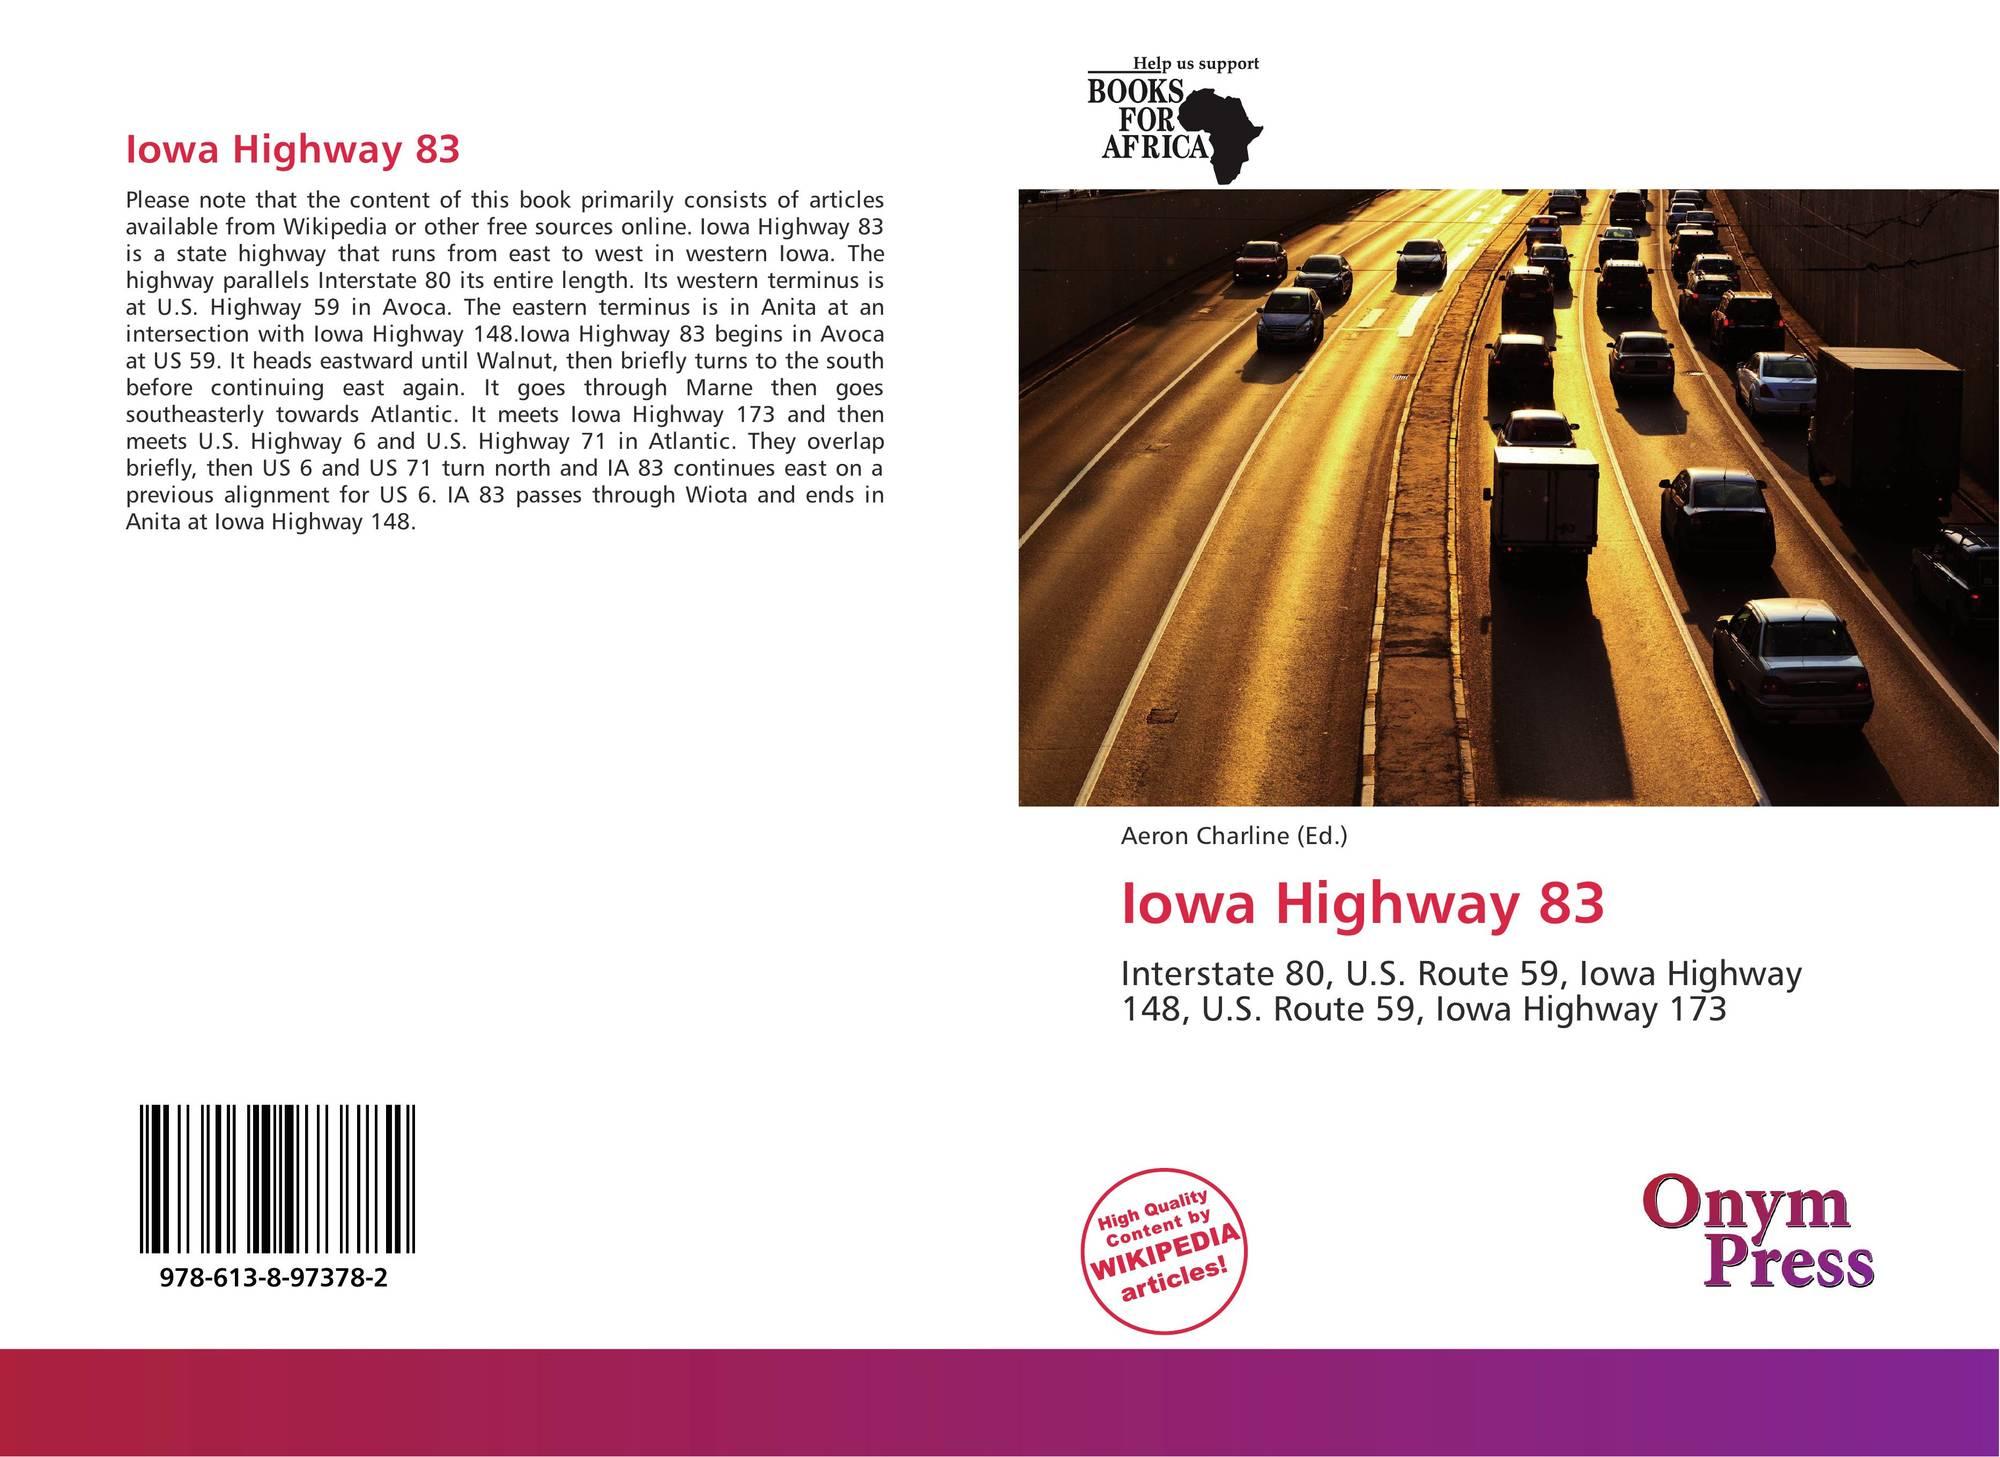 Iowa Highway 83, 978-613-8-97378-2, 613897378X ,9786138973782